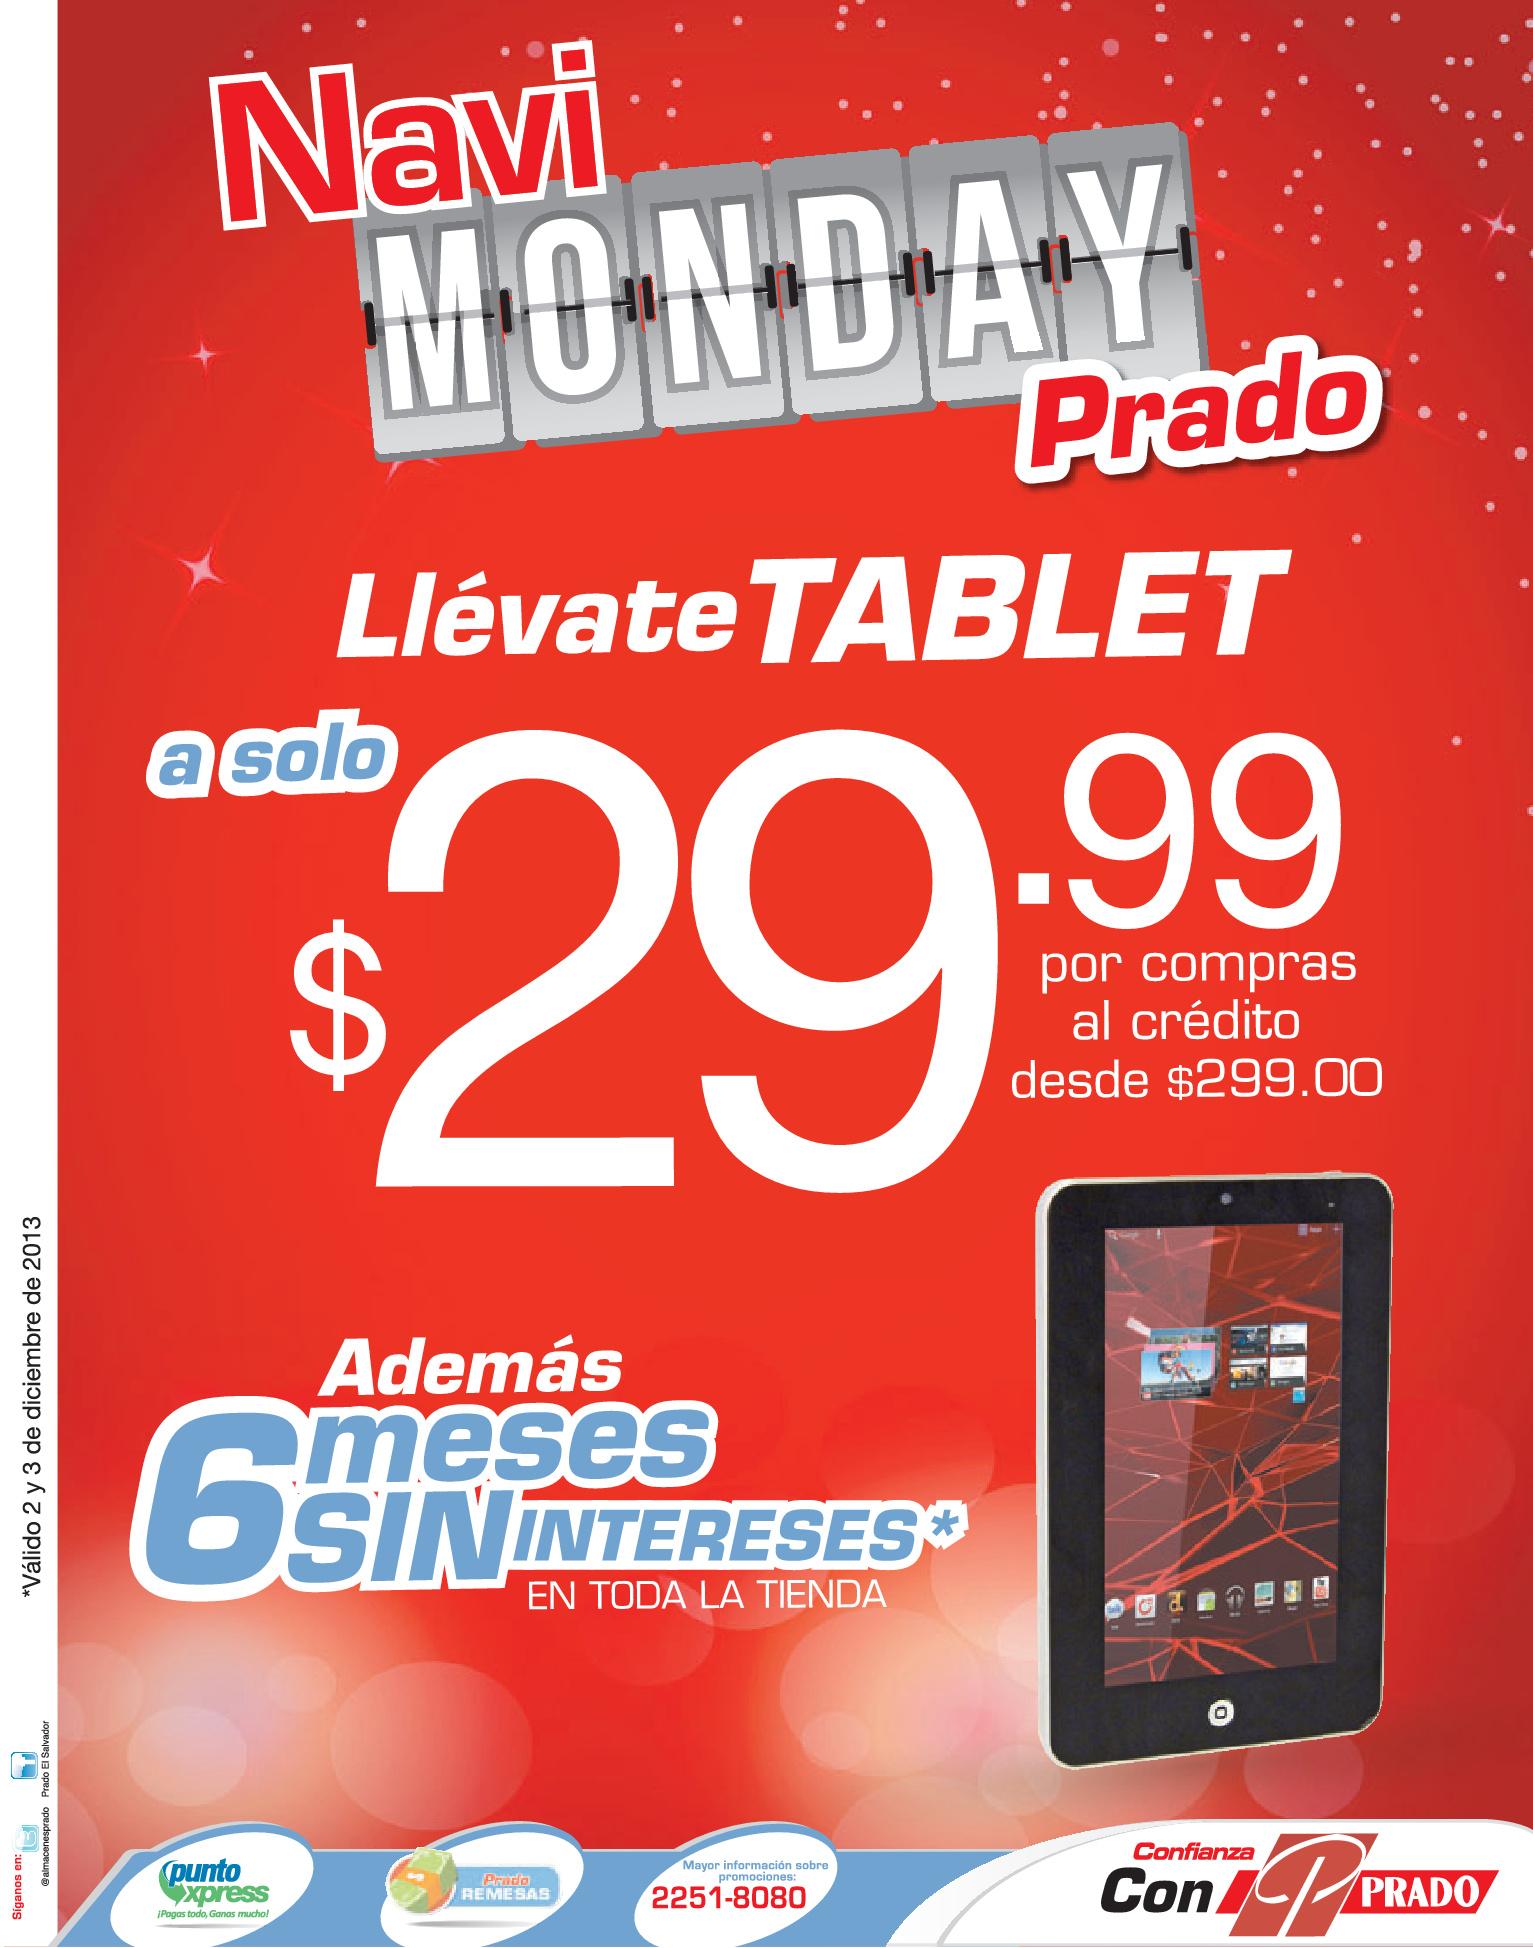 Navi Monday con PRADO promociones - 02dic13